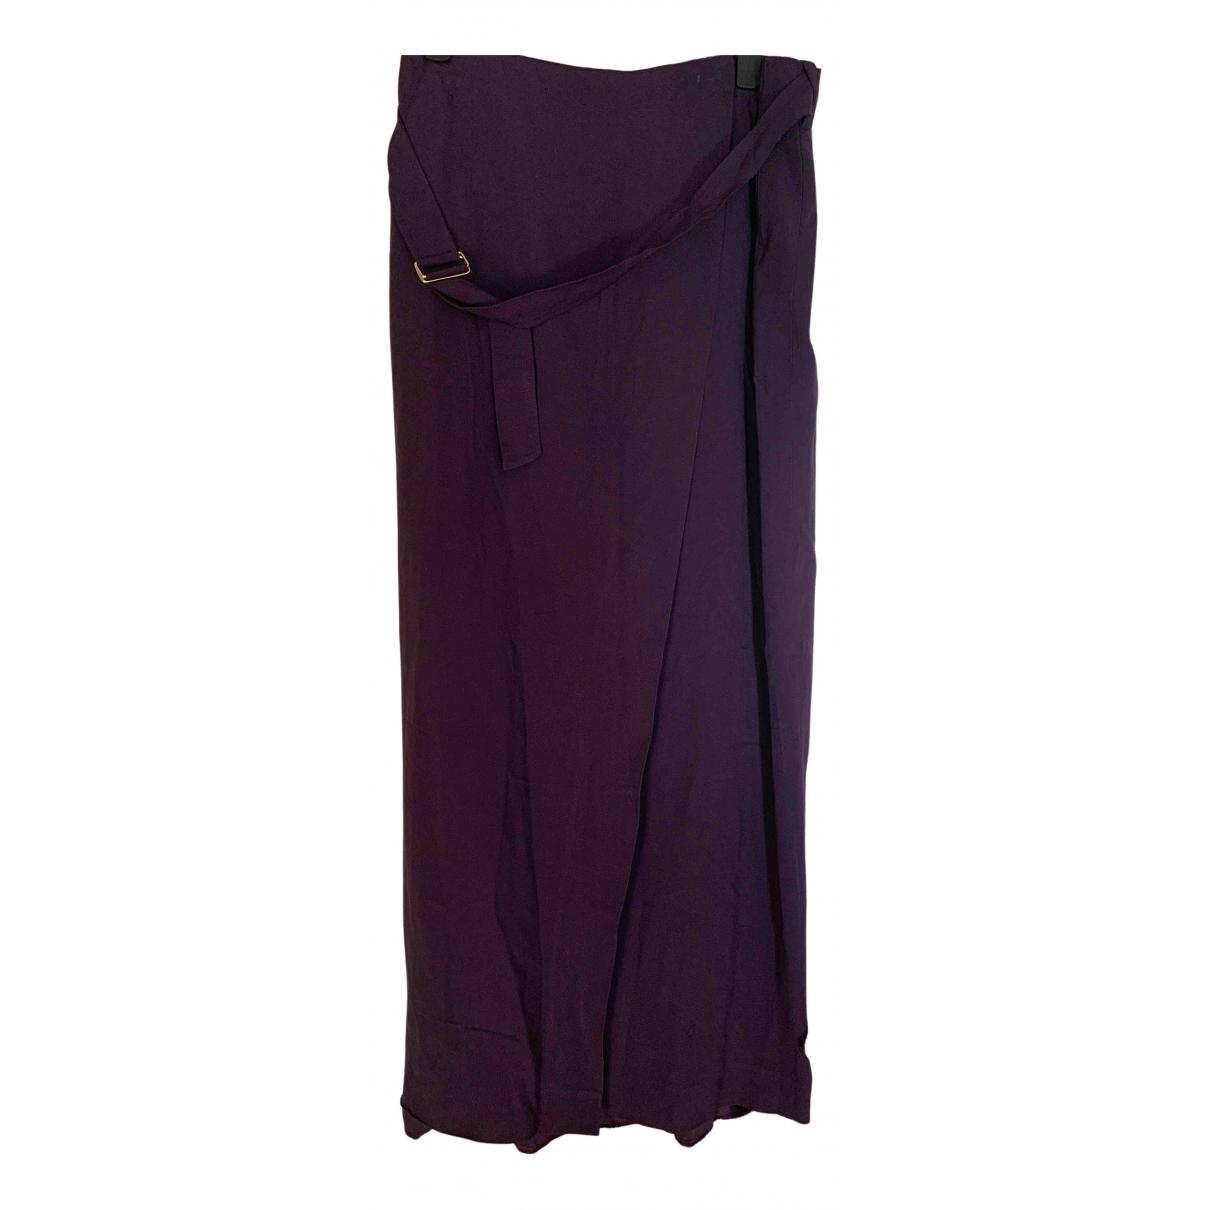 Sonia Rykiel - Jupe   pour femme - violet